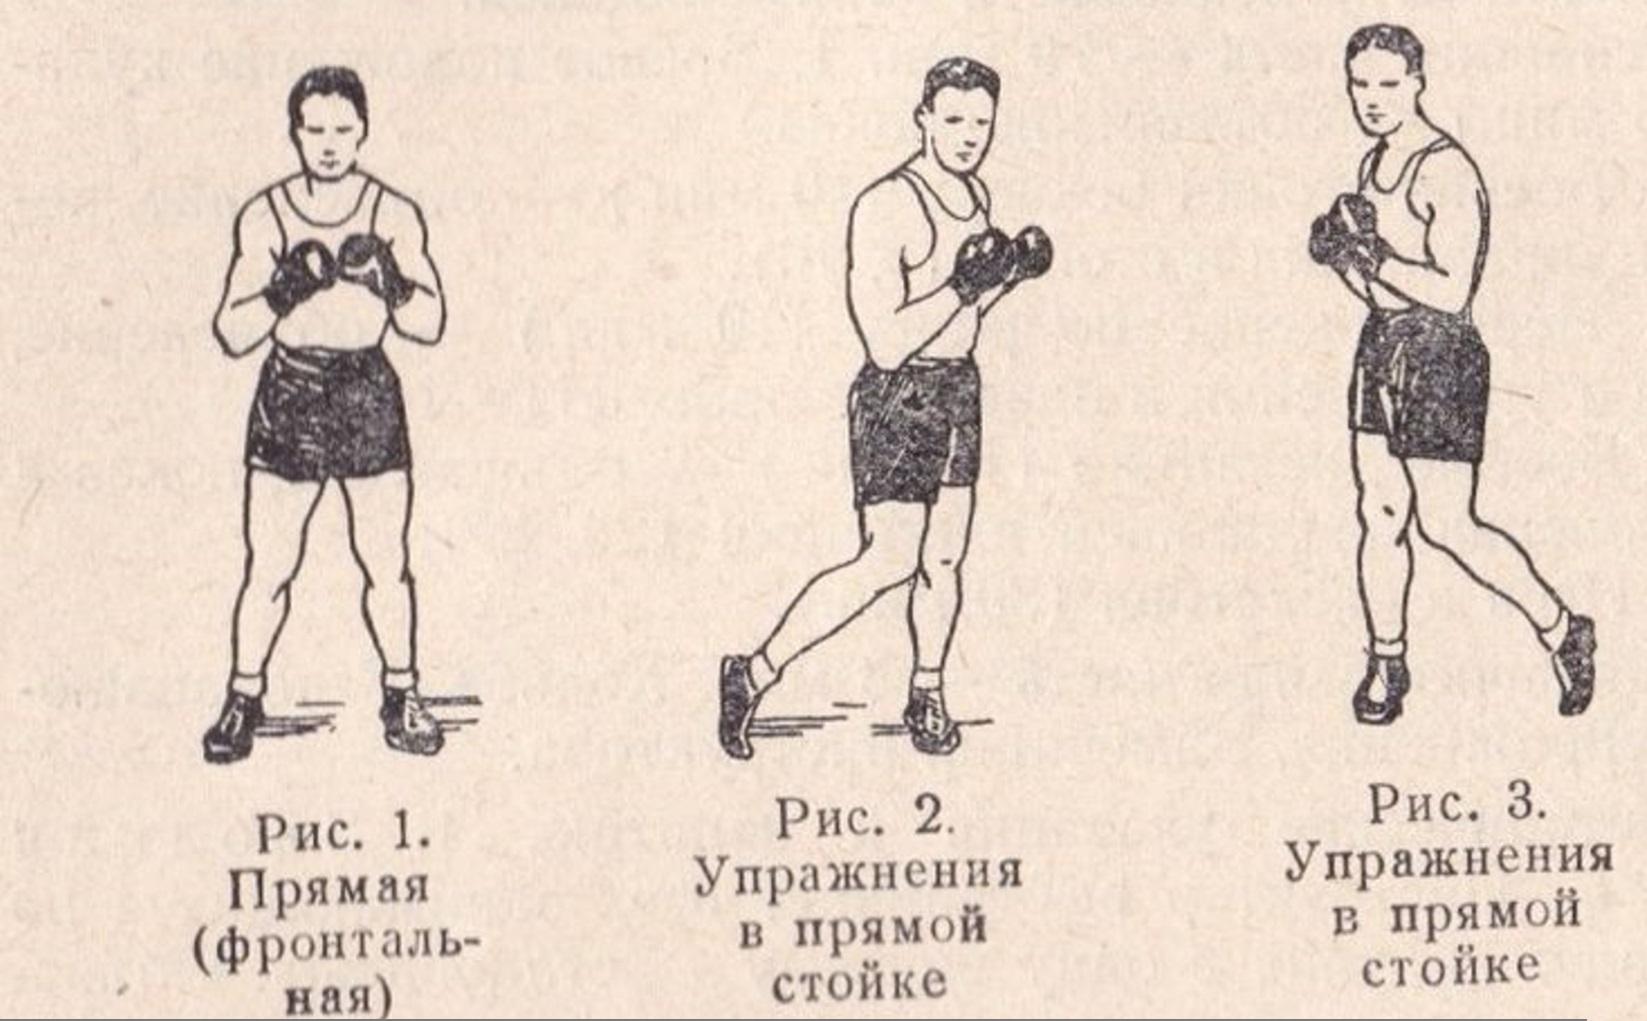 Организация и методика проведения занятий по атлетизму | авторская платформа pandia.ru